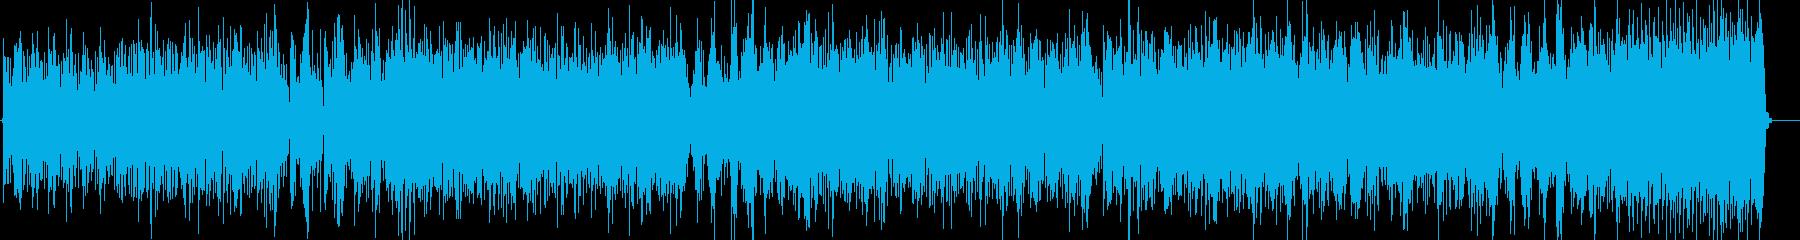 オンザコーナー電化マイルスっぽいファンクの再生済みの波形